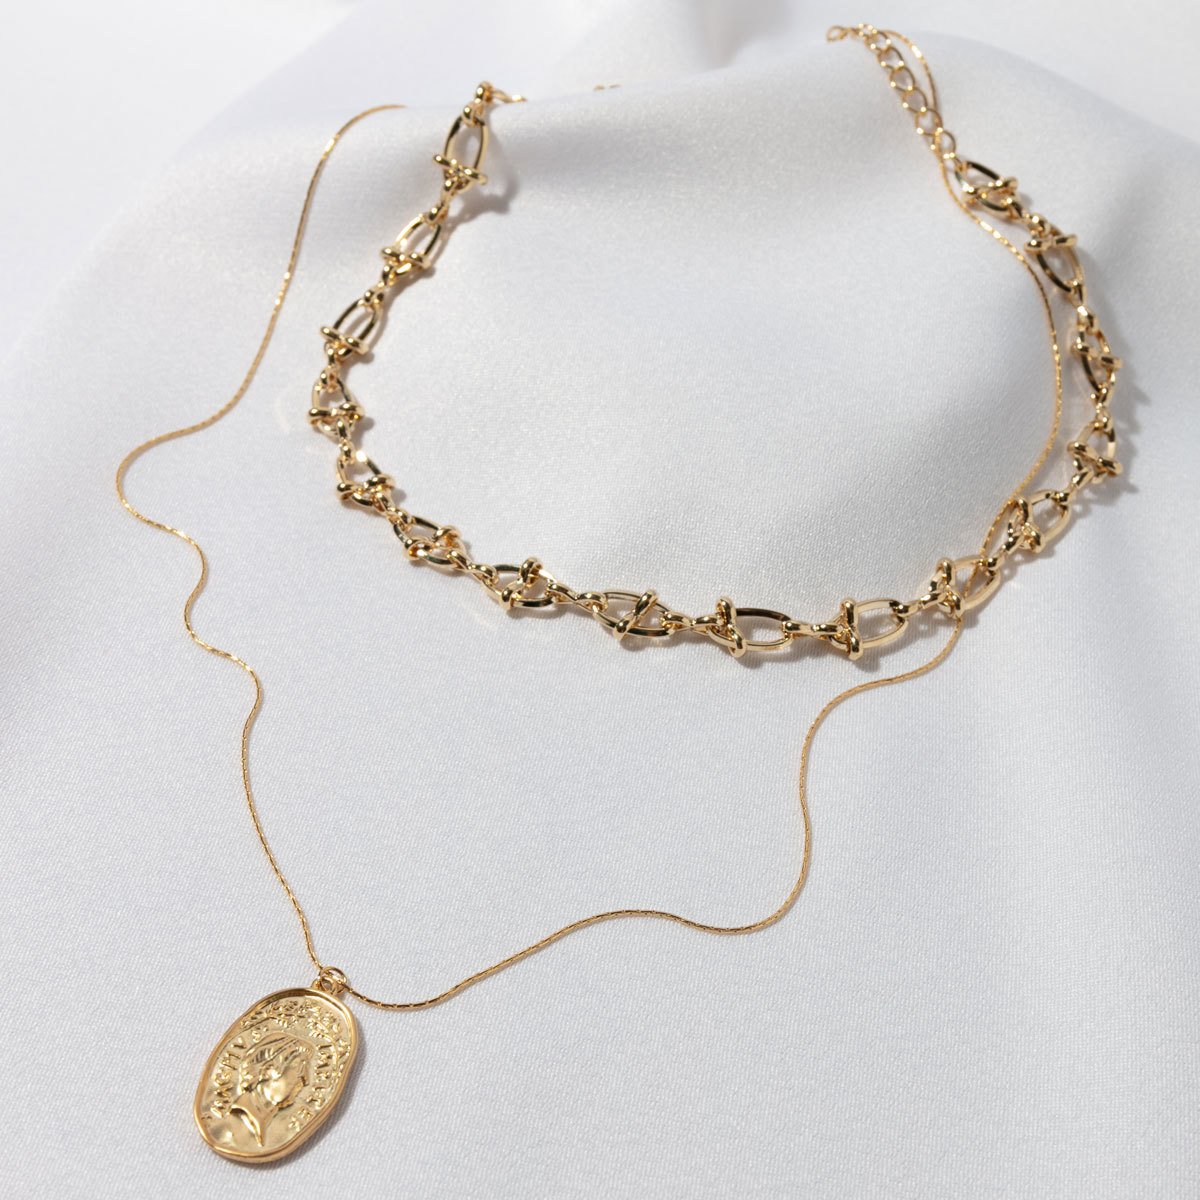 Сэт из Чокера и медальона на цепочке (золотистый)